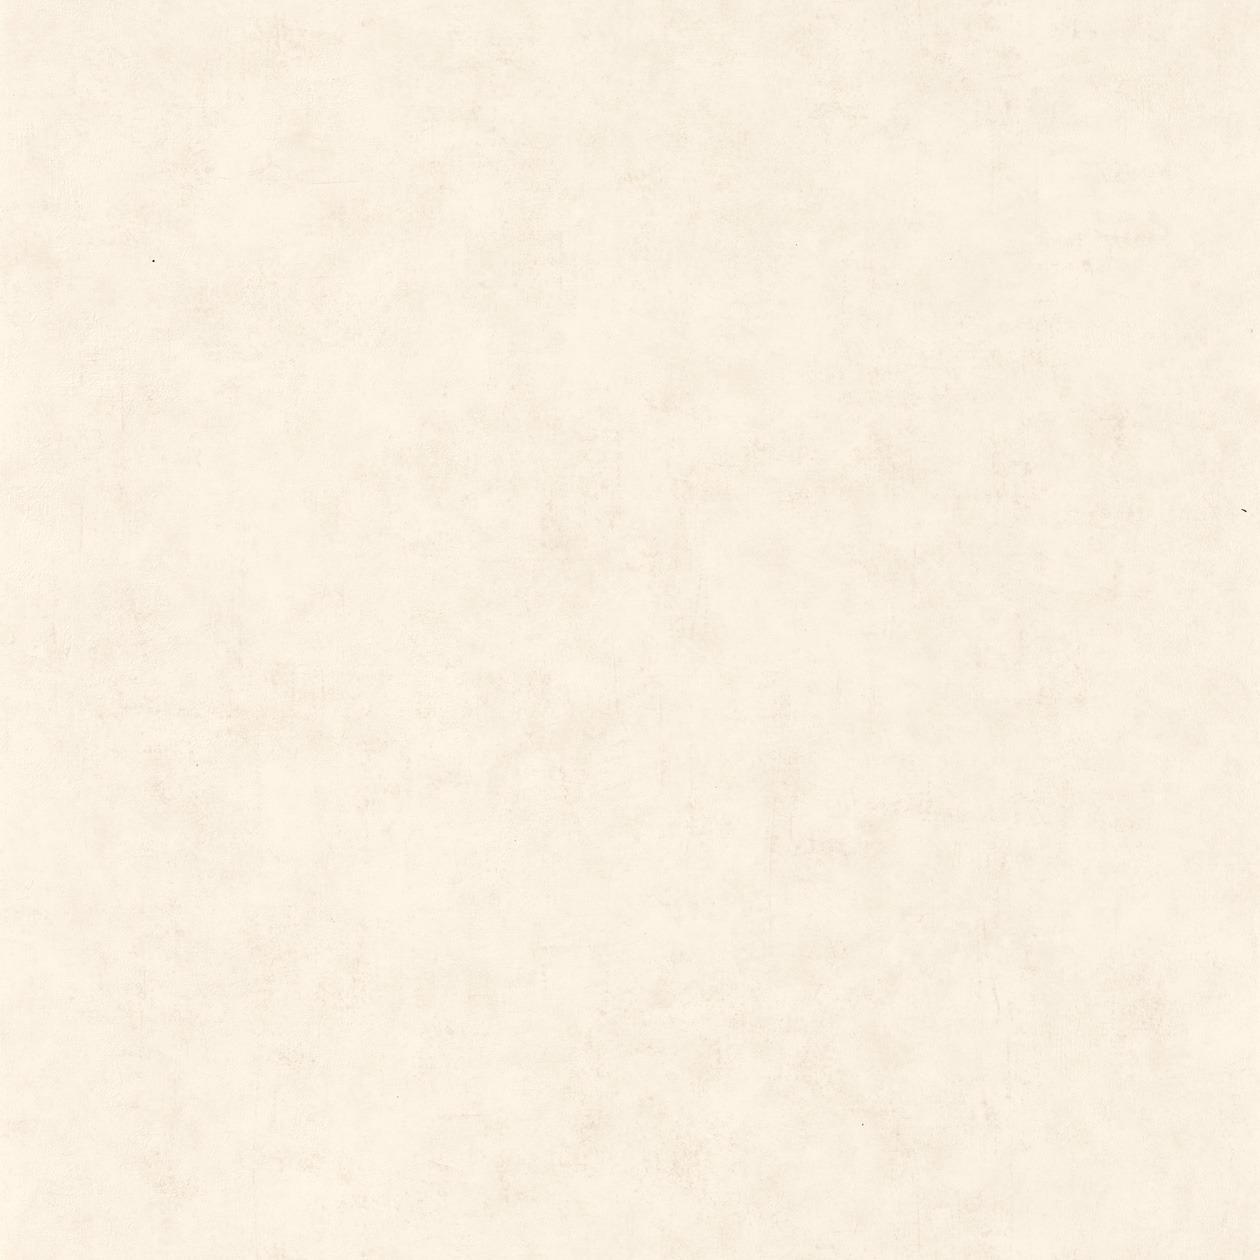 Обои Caselio Beton 0,53 см. 101480010